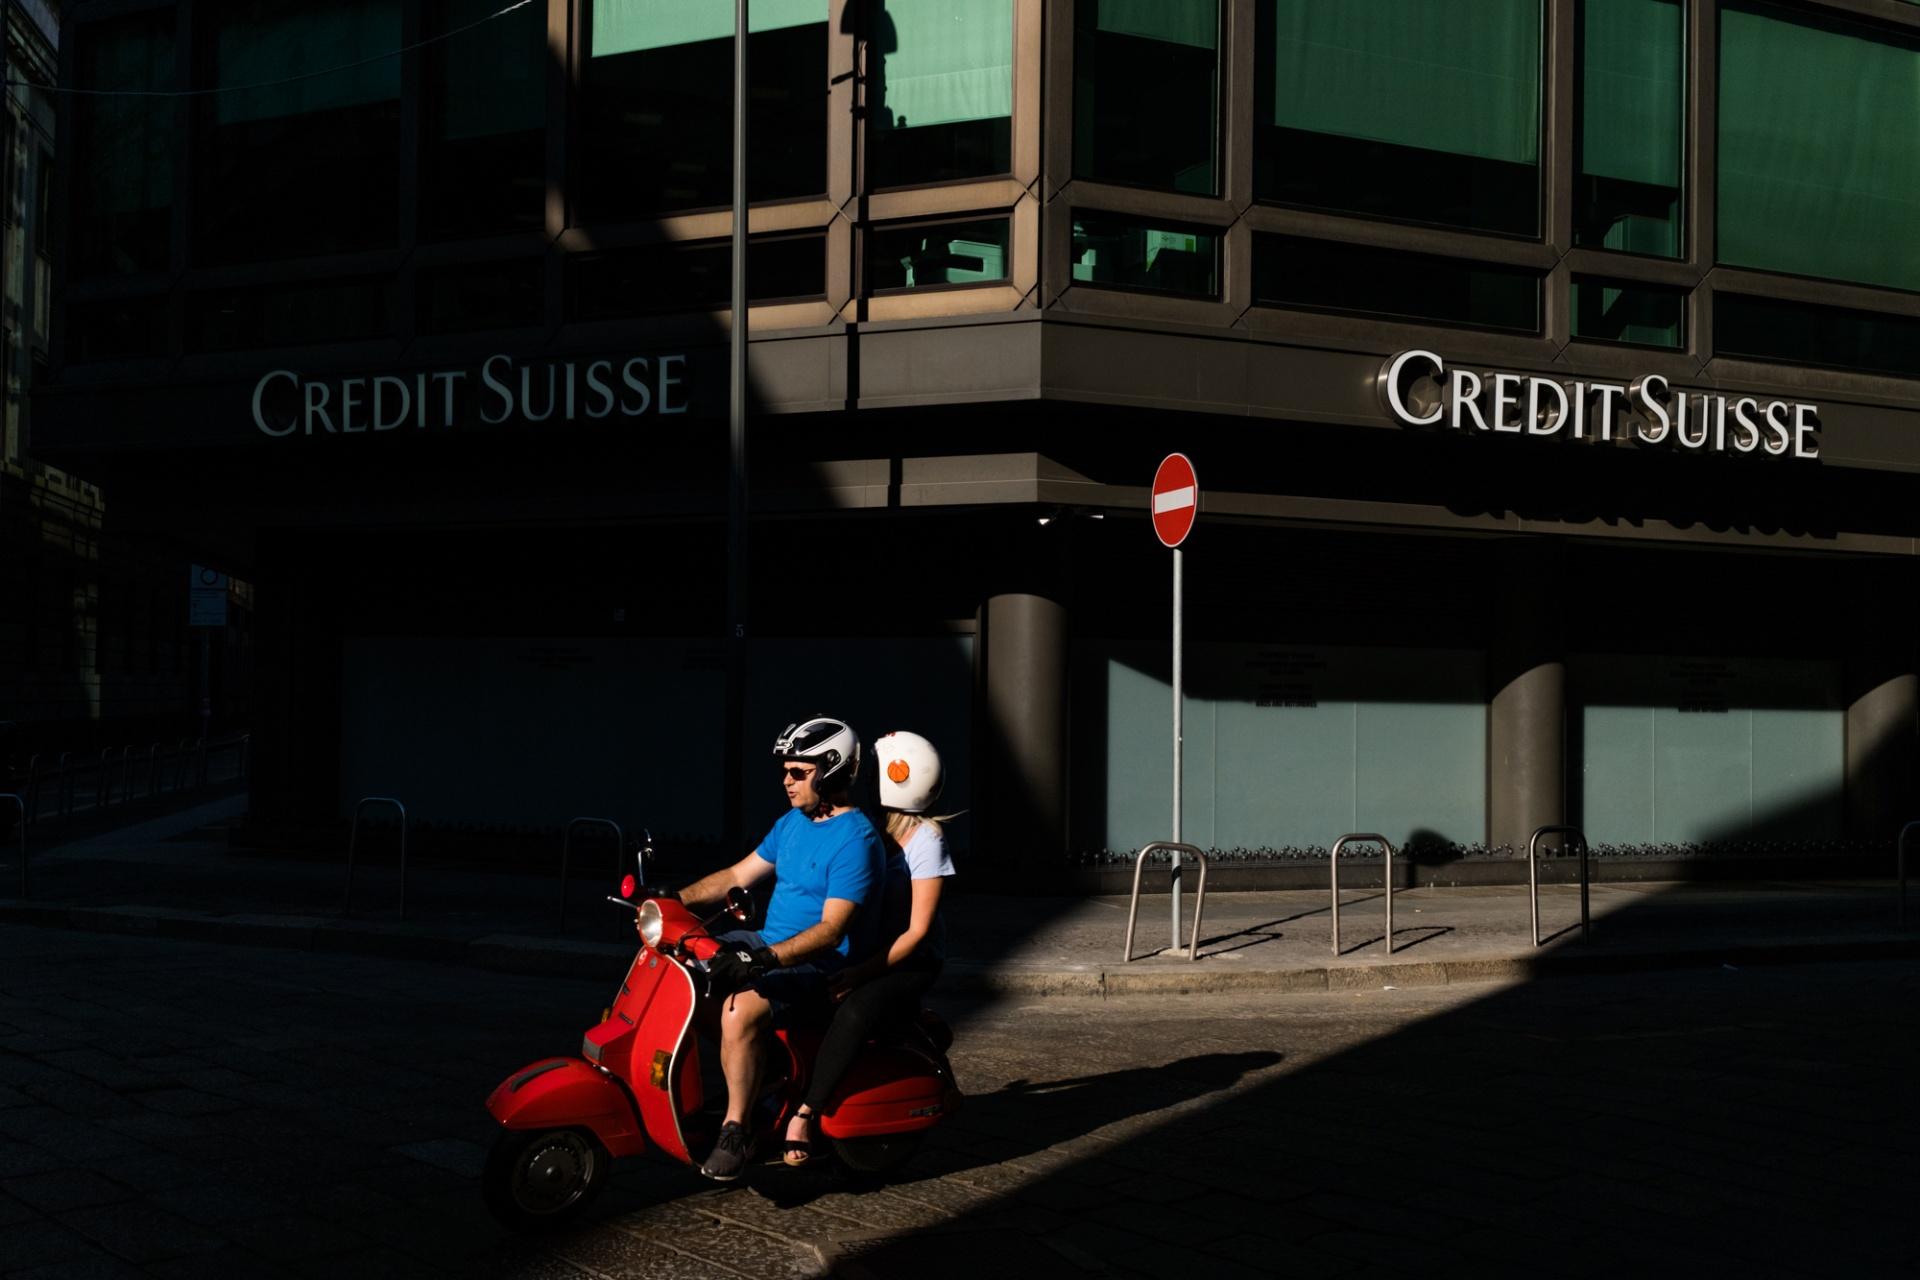 Milano Street, Vago per Milano con la meridiana al polso. Sono un ladro che fa il palo, un pendolare in ritardo che corre per non perdere la coincidenza, un burattino nelle mani del caso.